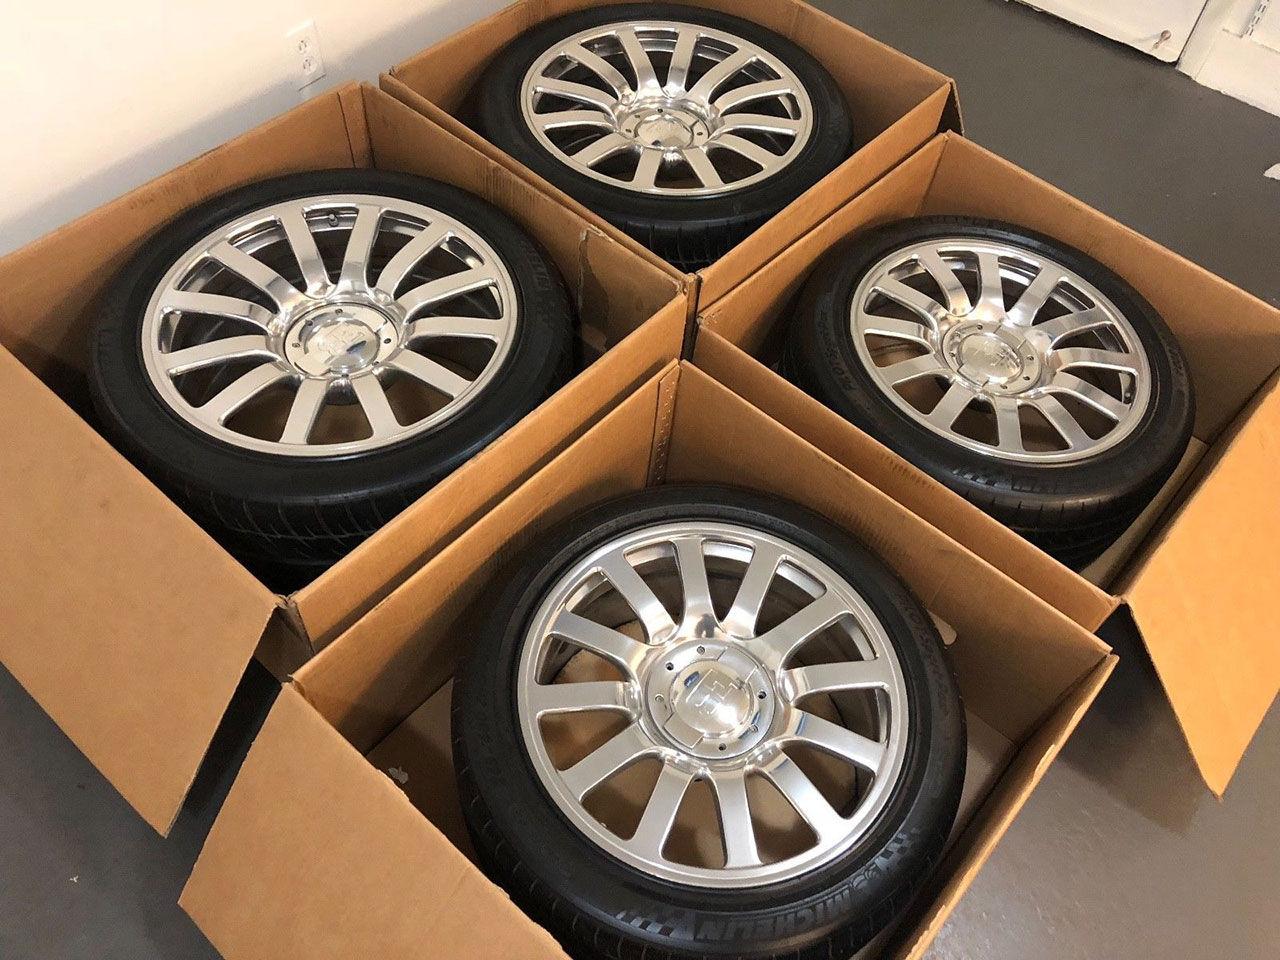 Begagnade hjul till Bugatti Veyron på eBay